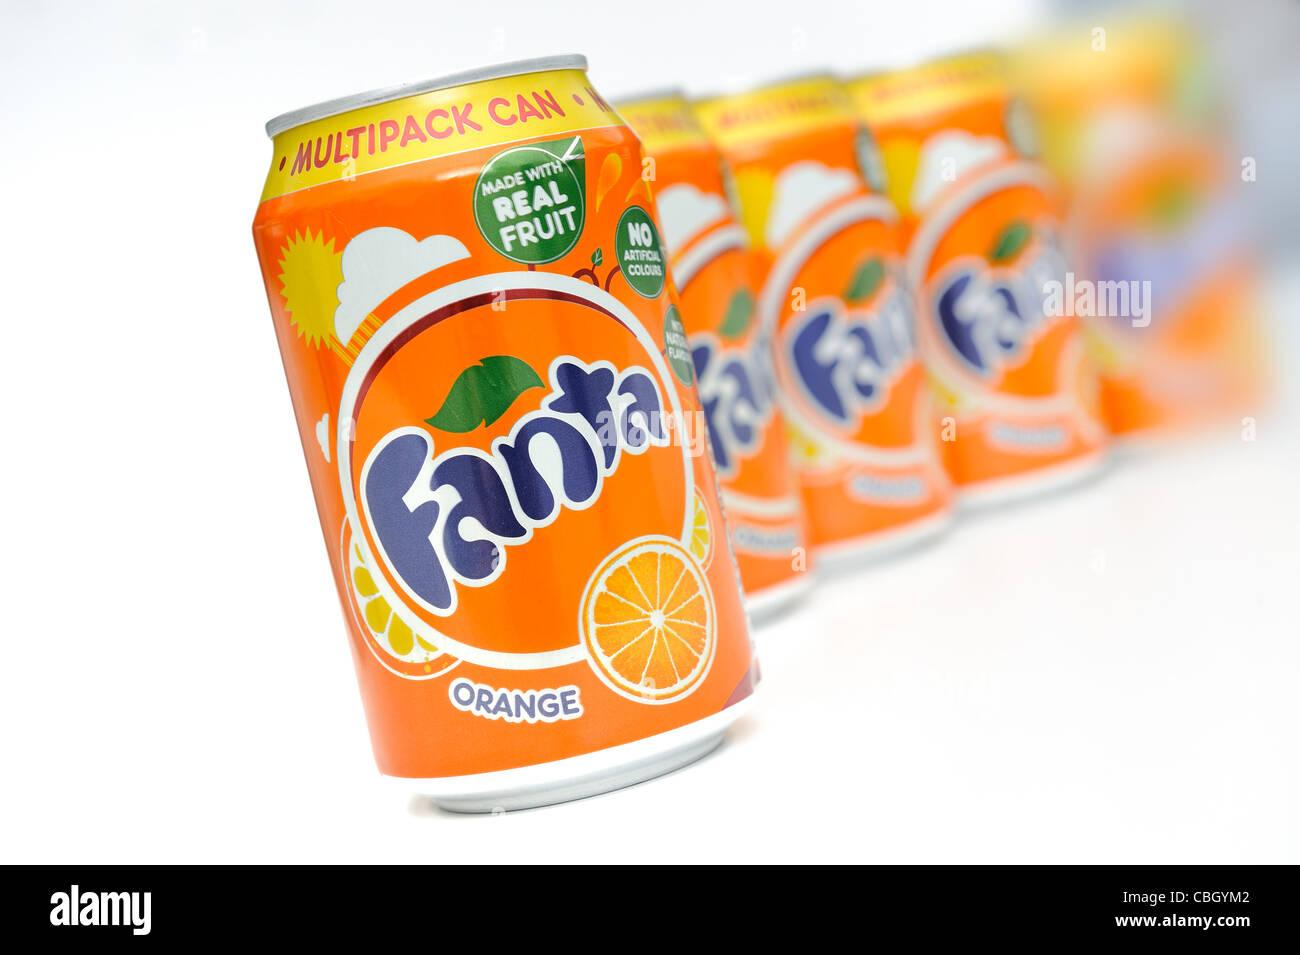 fanta-orange-cans-england-uk-CBGYM2.jpg